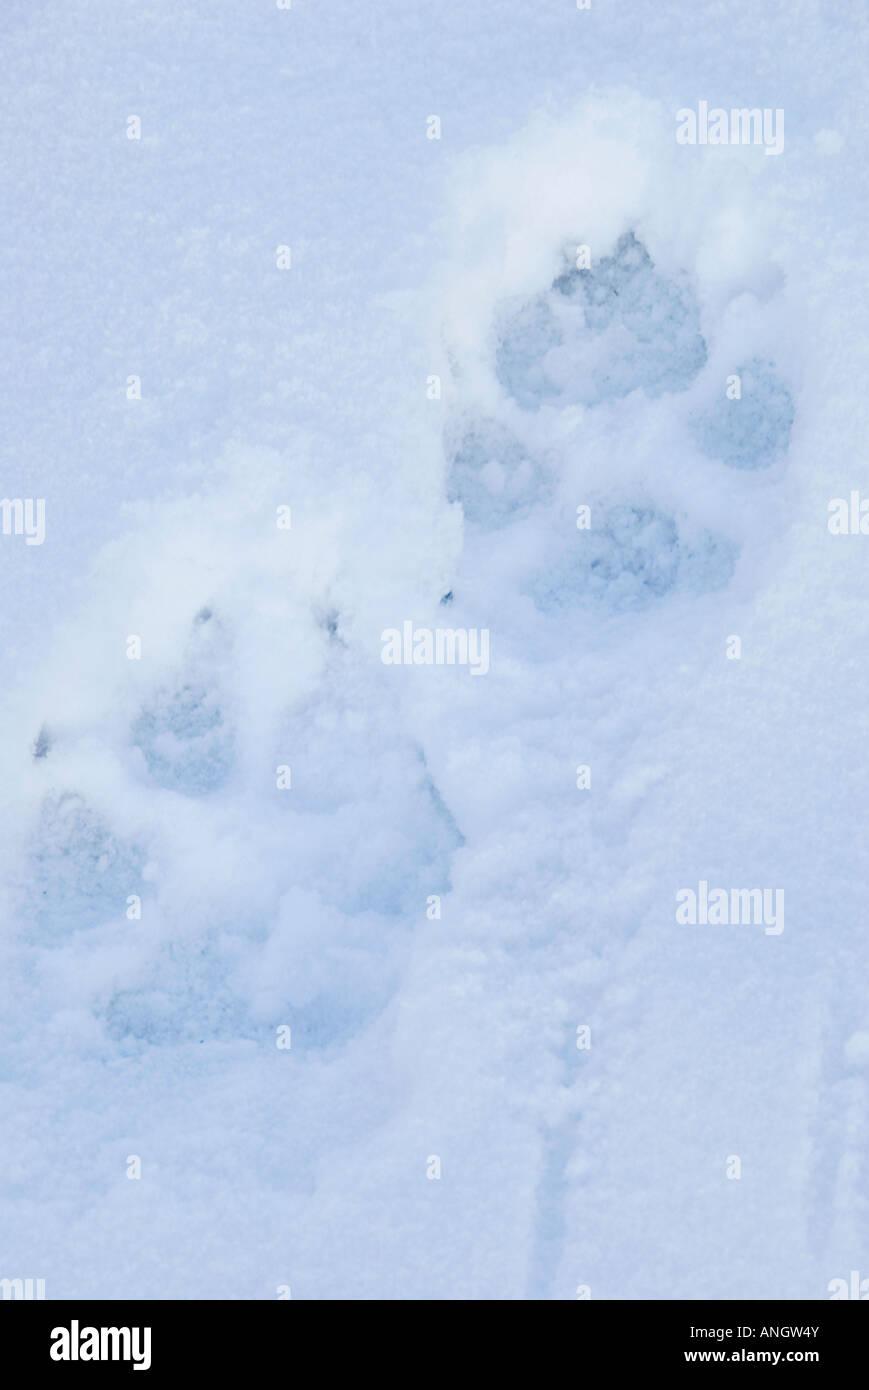 El lobo (Canis lupus) pistas de nieve. Similar al perro doméstico, pero de mayor tamaño. Foreprint 4 1/4 Imagen De Stock